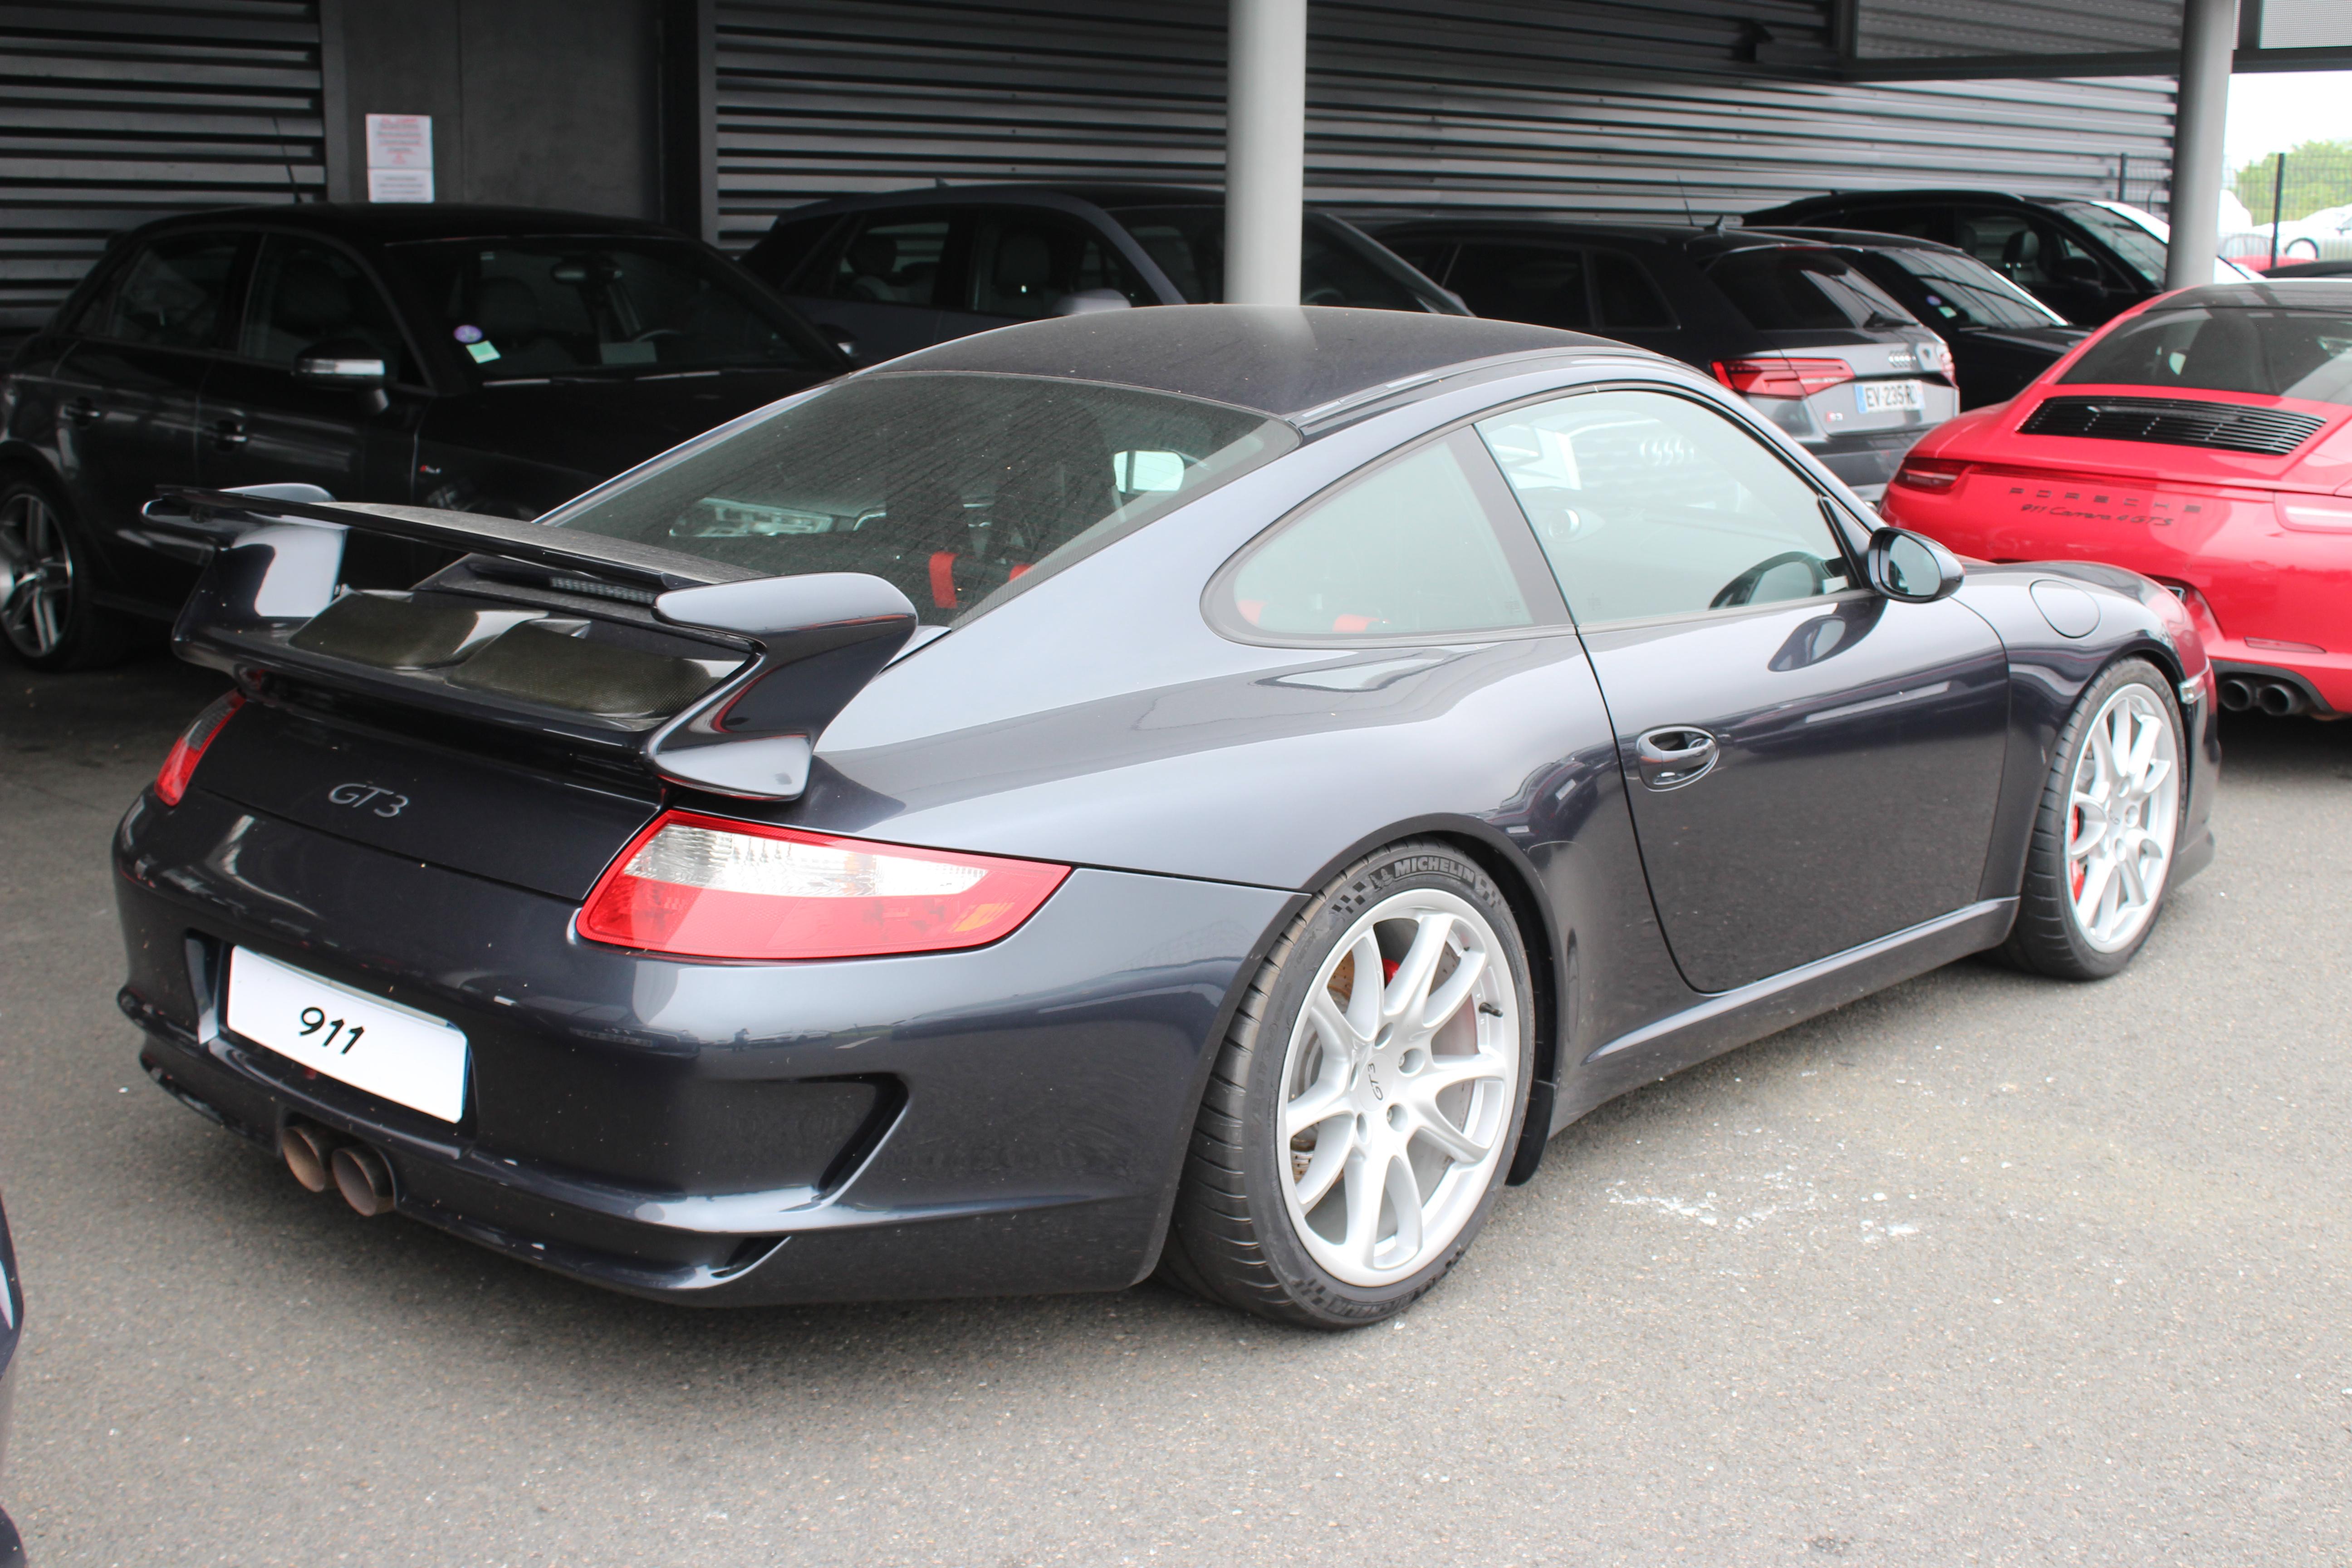 70 Ans Centre Porsche ROISSY Sonauto Img_6641